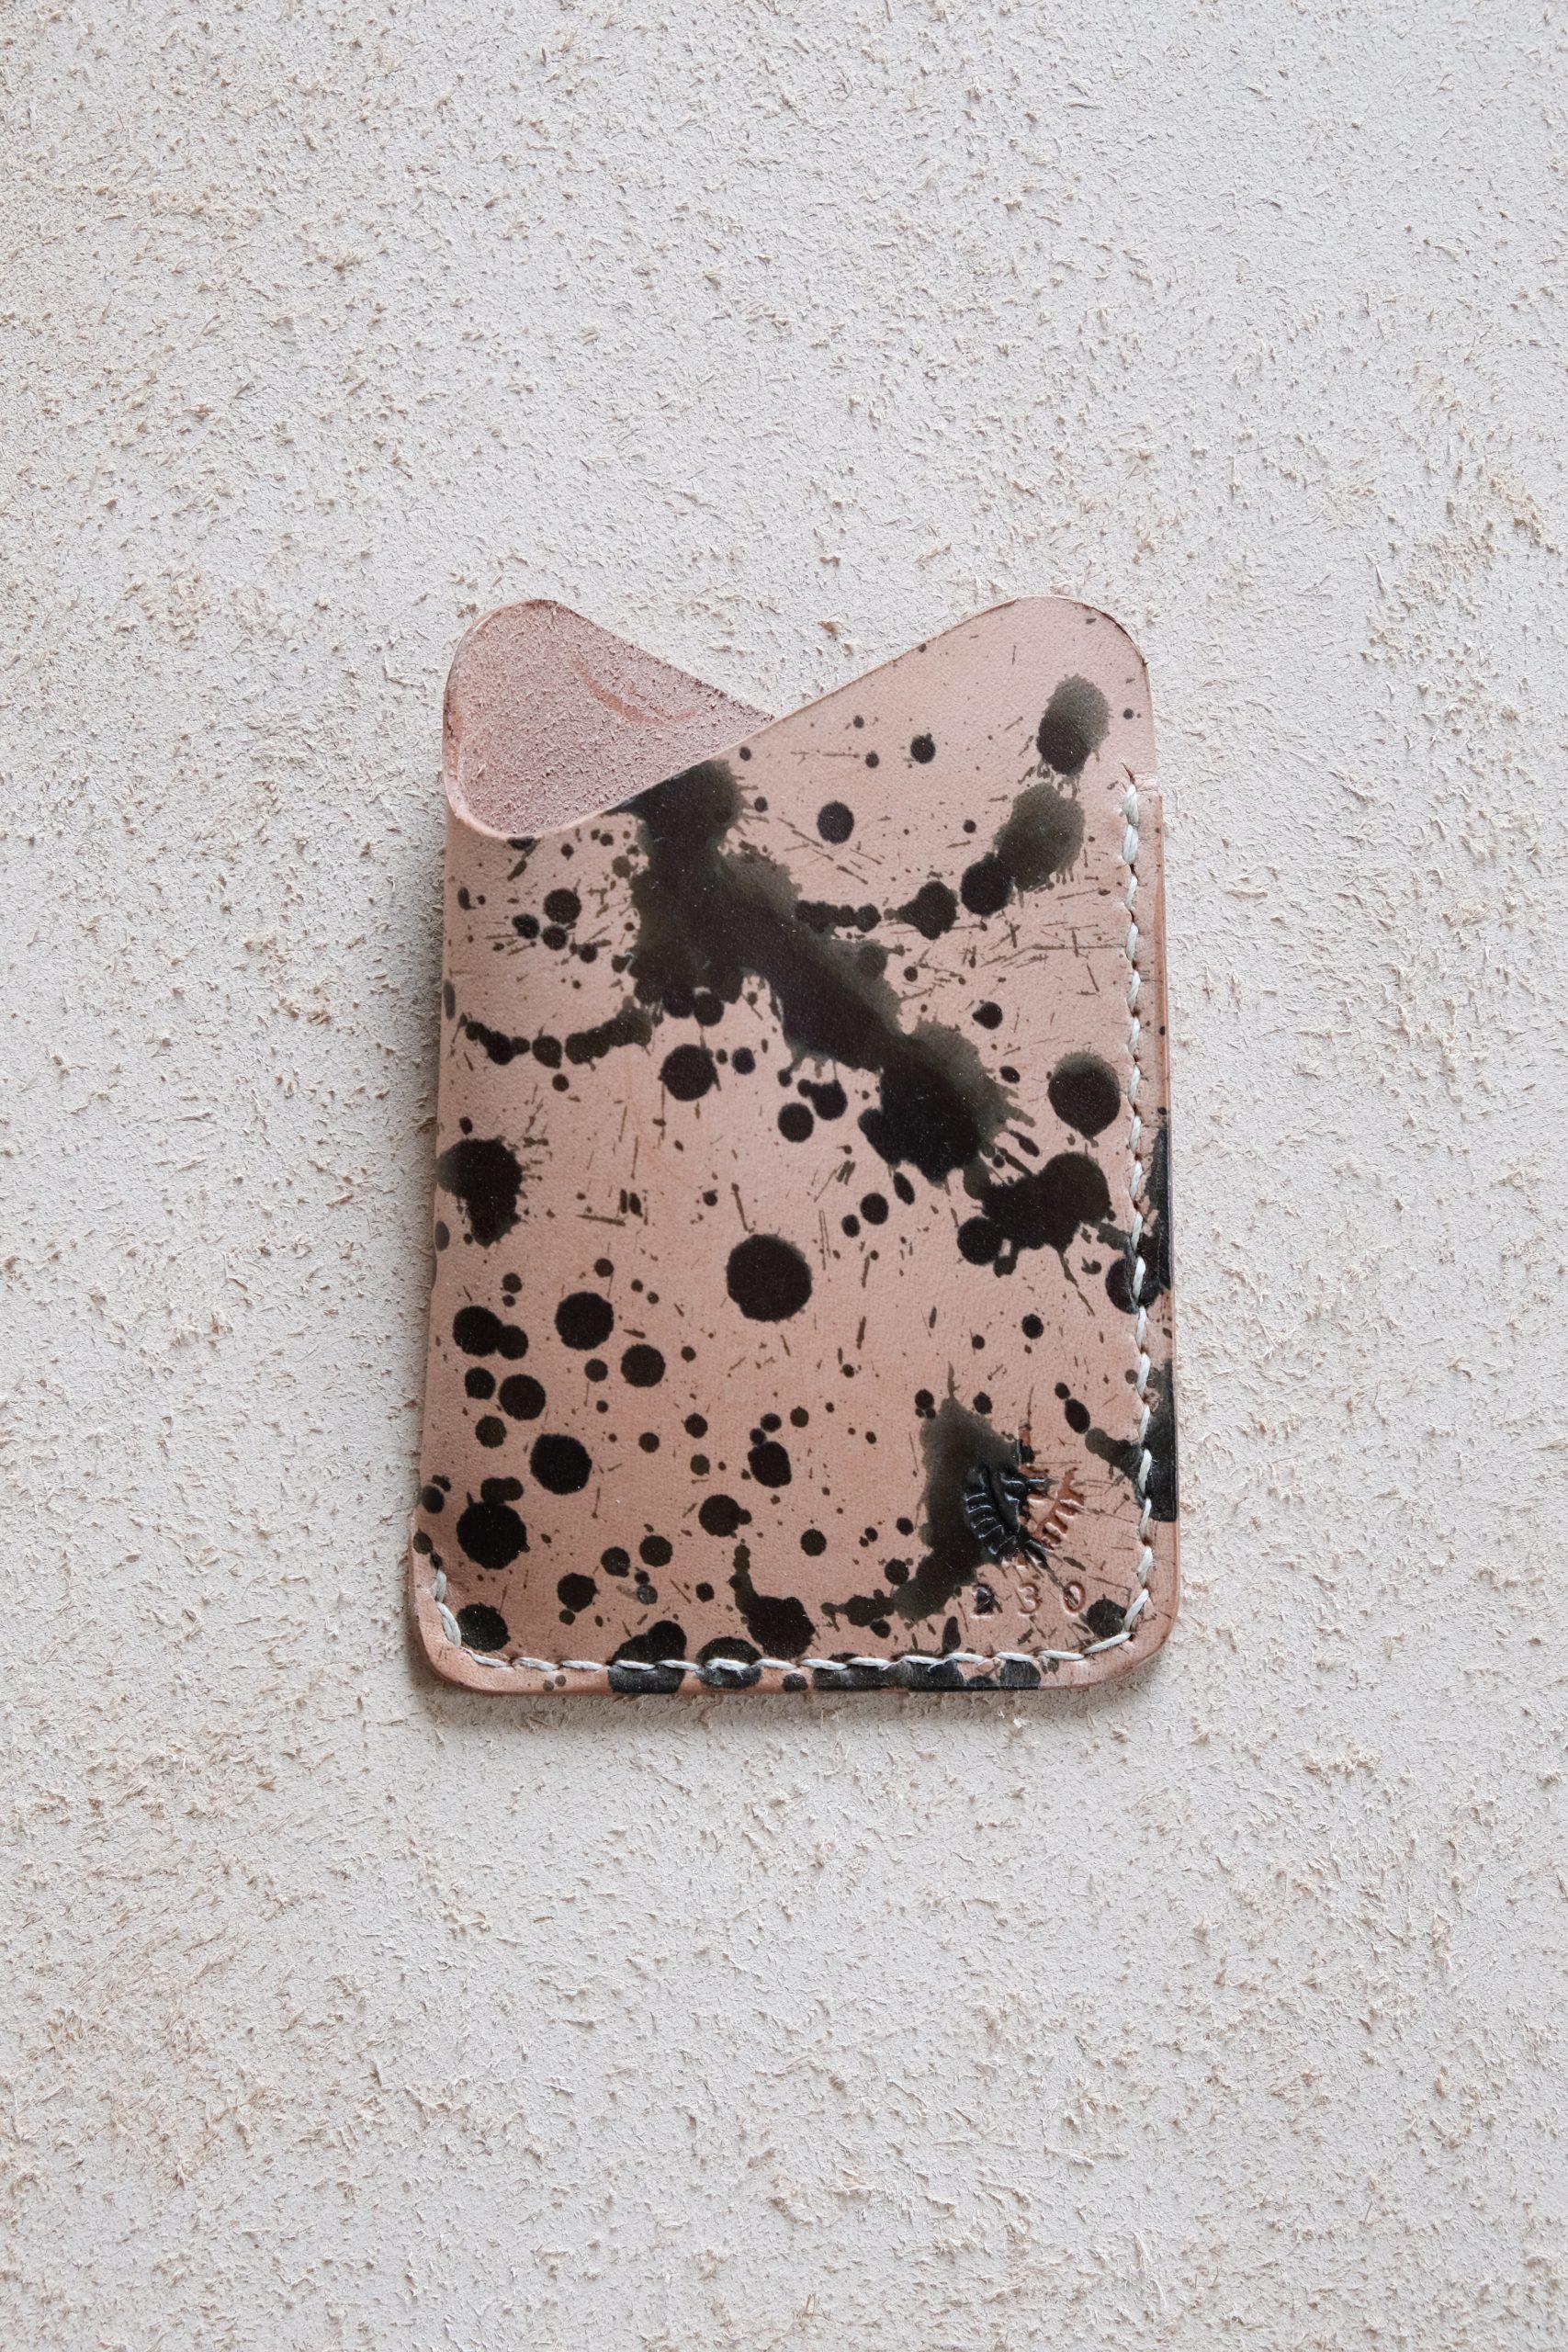 lerif designs leather wave cardholder variegata on beige background